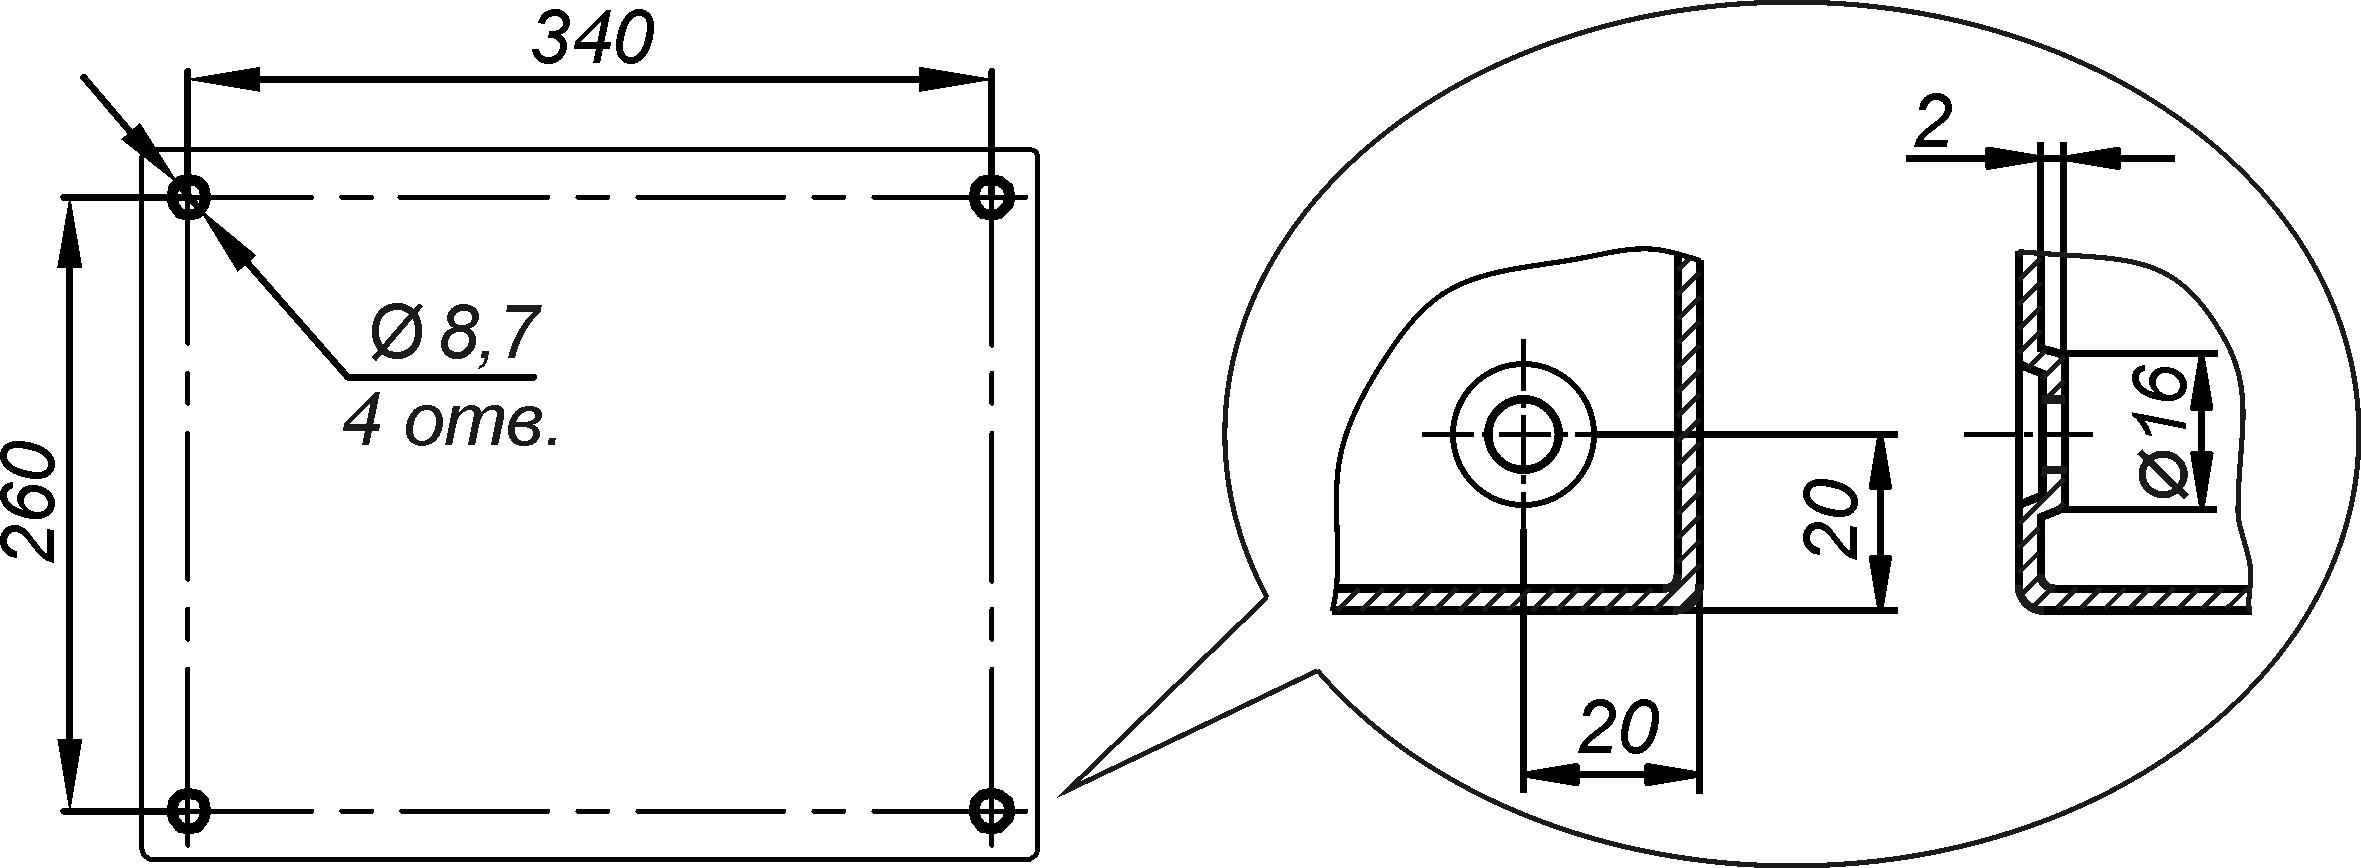 Отверстия для крепления к стене предусмотрены на задней стенке термошкафа ТШ-6